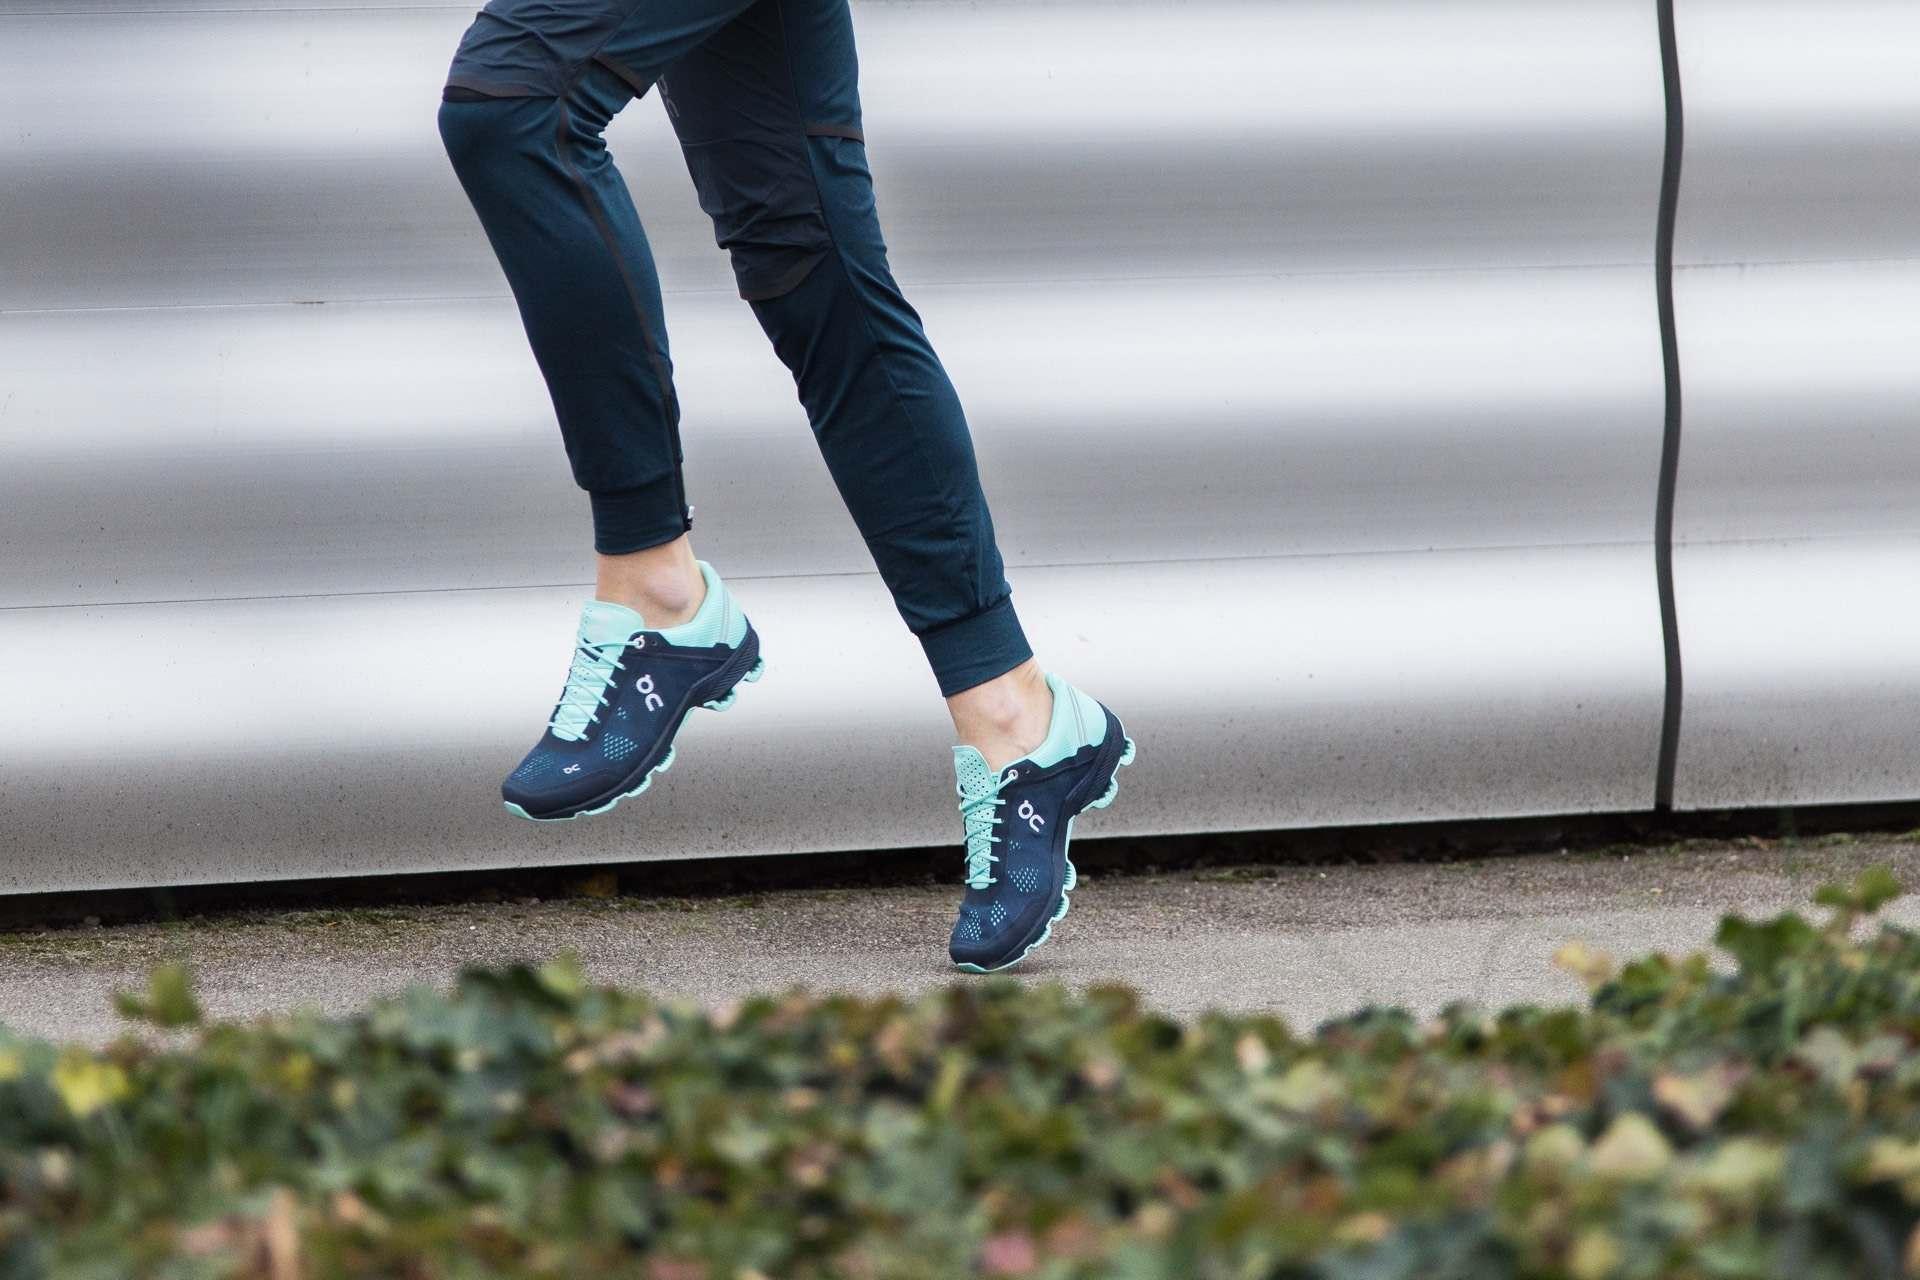 Running Shoes - Cloudsurfer - Women